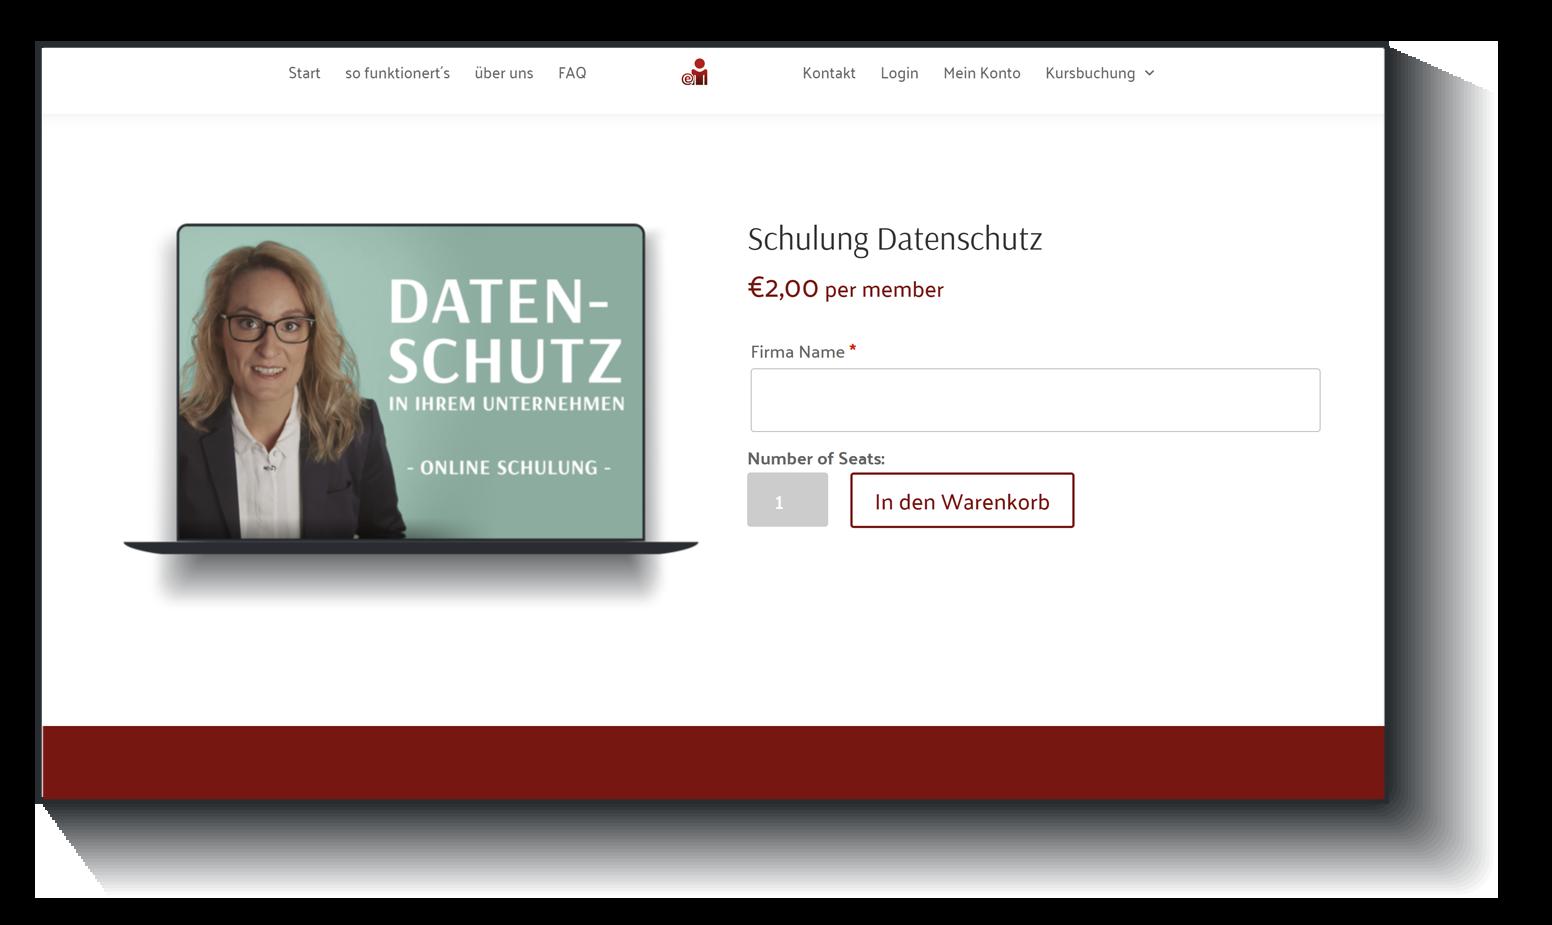 Datenschutz Online Unterricht- Buchung - Step 1 | emitarbeiterschulung.de